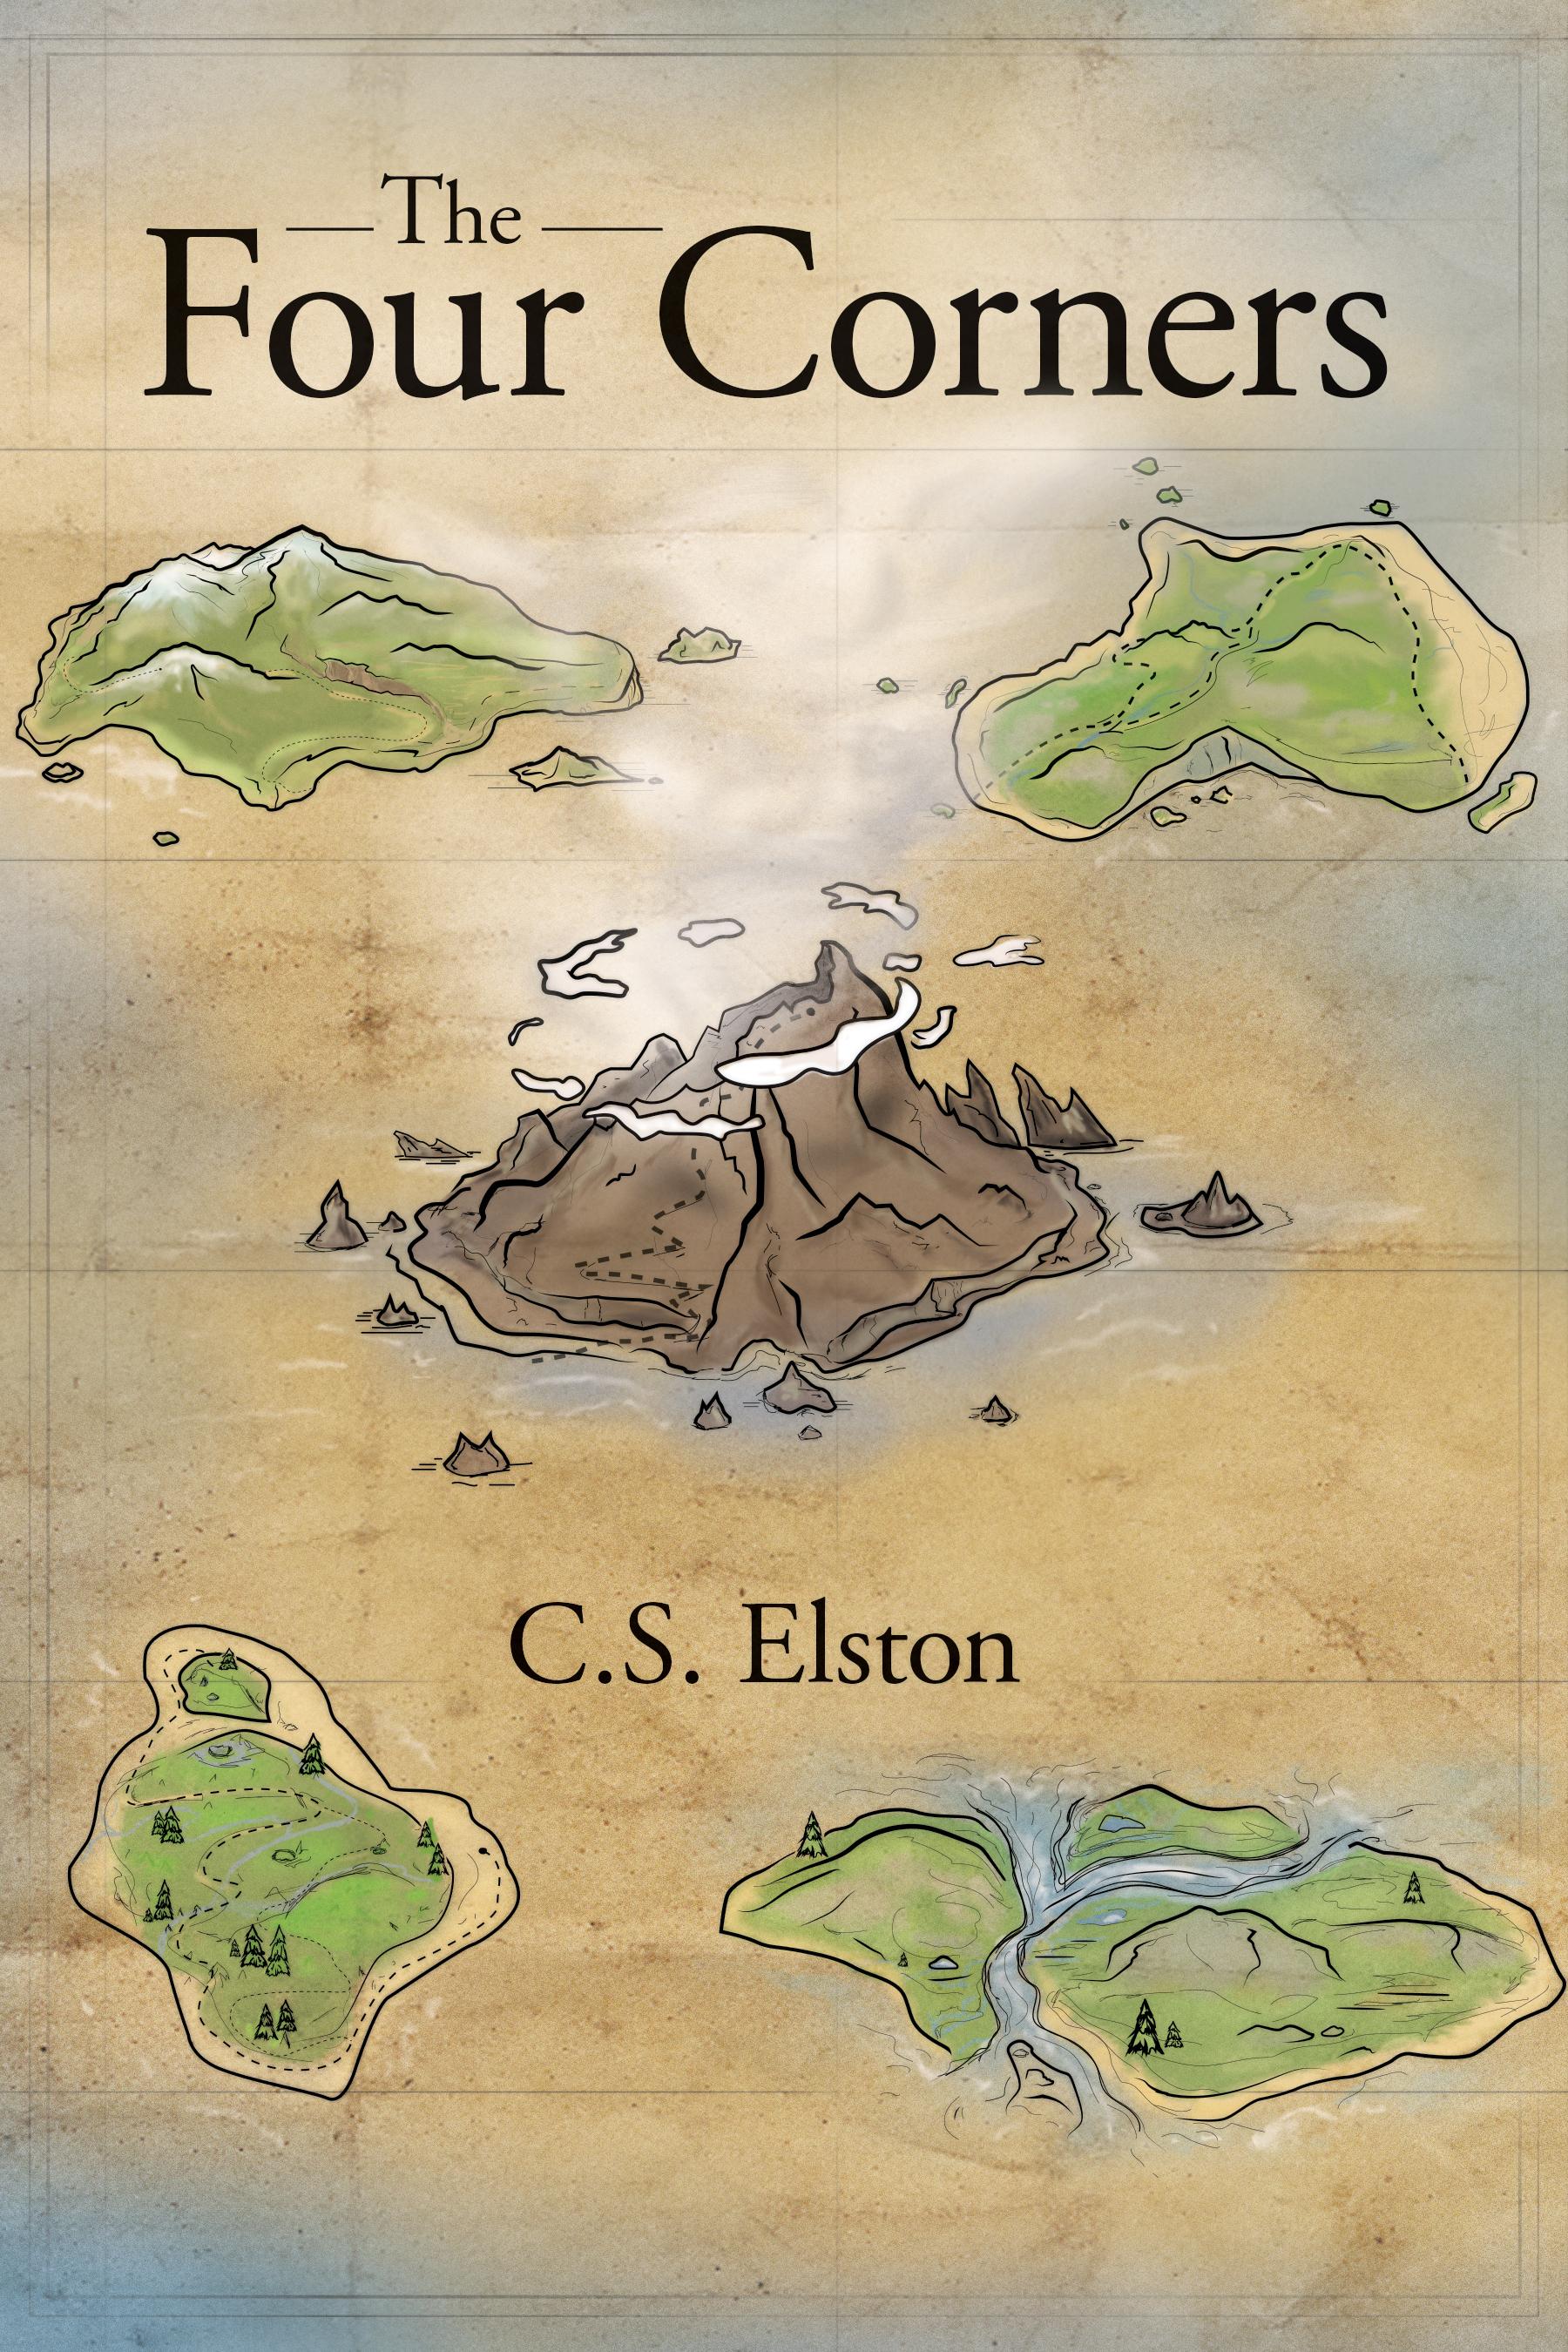 The Four Corners C.S. Elston